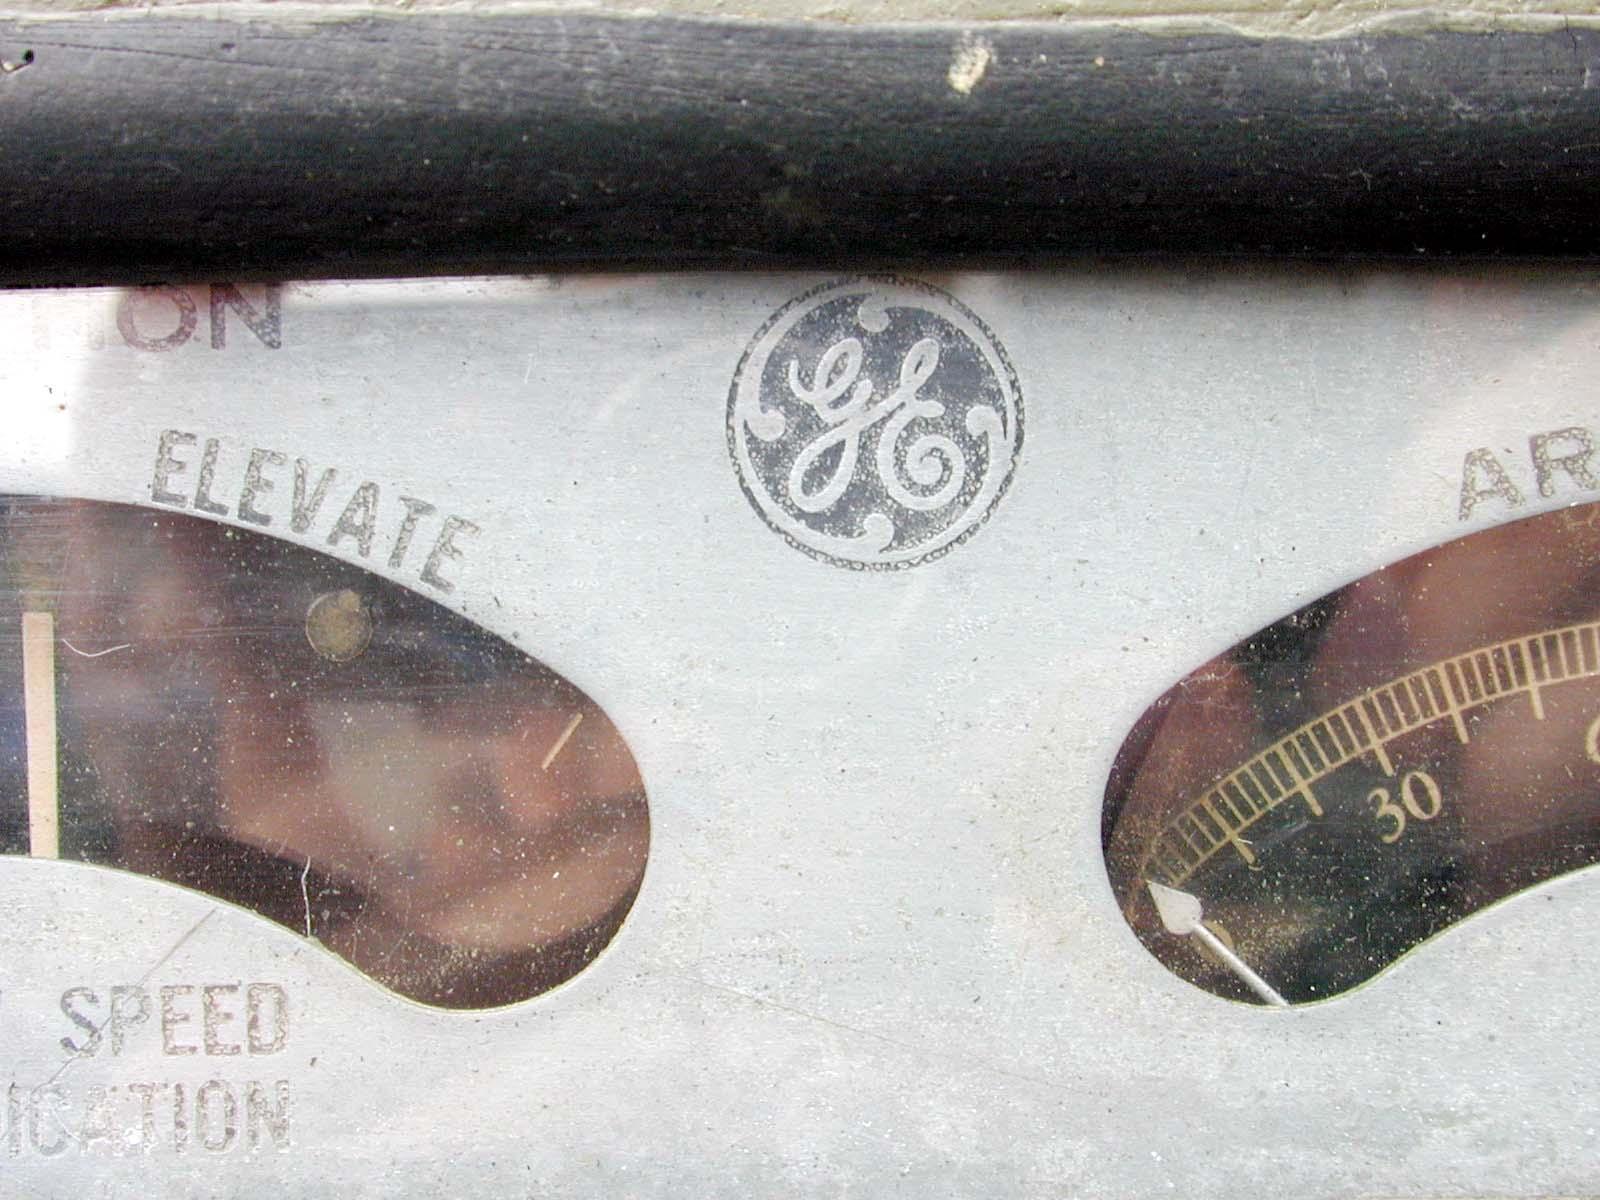 gaughe mete needles display speed elevation